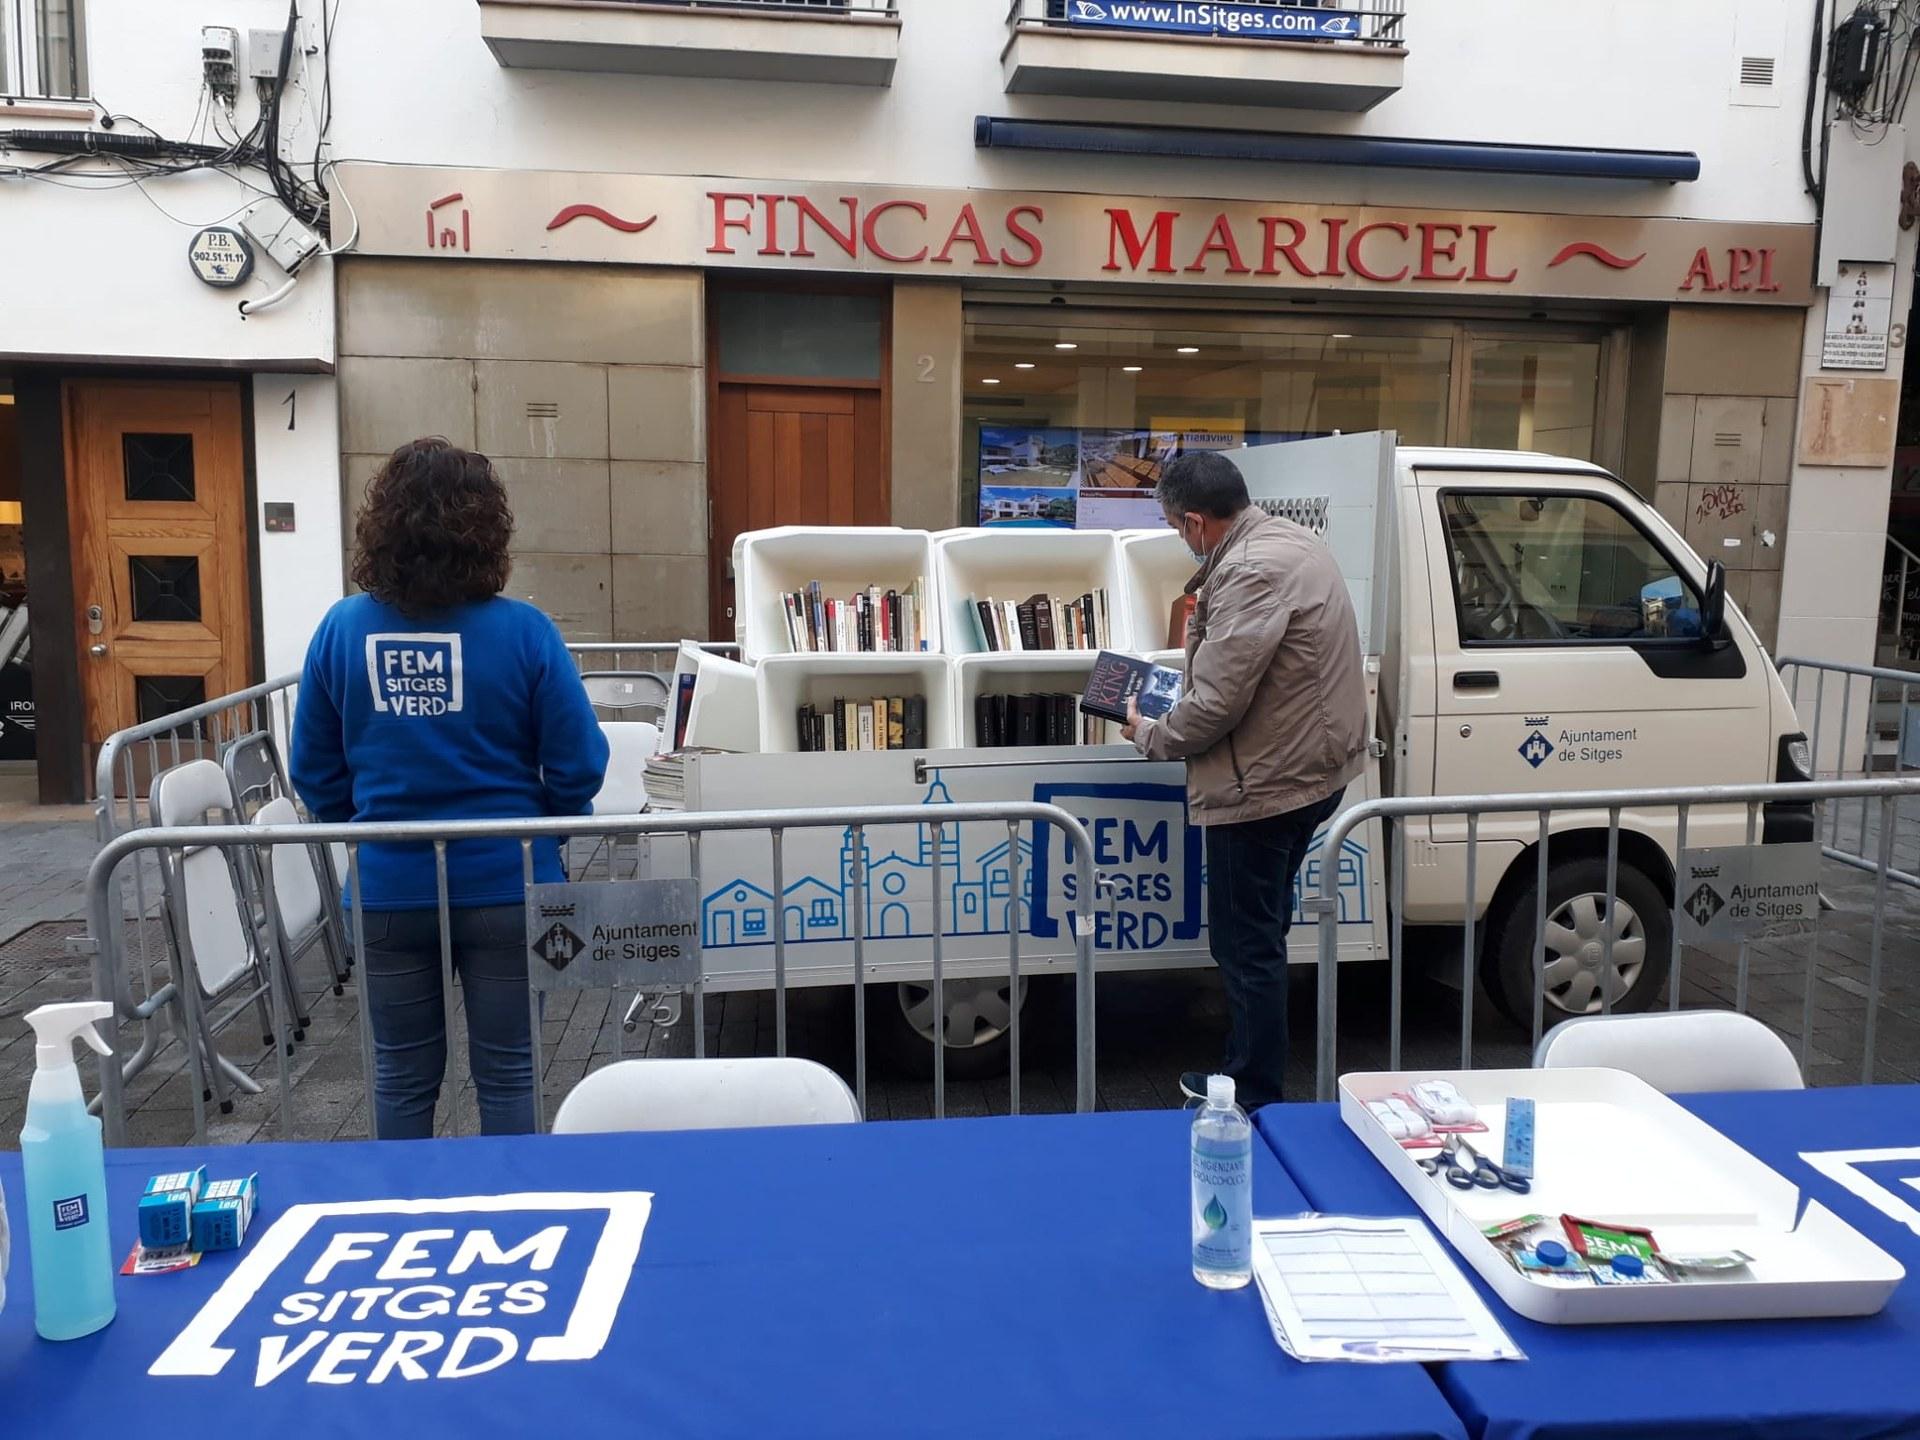 Torna la Book Truck al Cap de la Vila,  el dimarts 20 d'abril de 10 a 14h